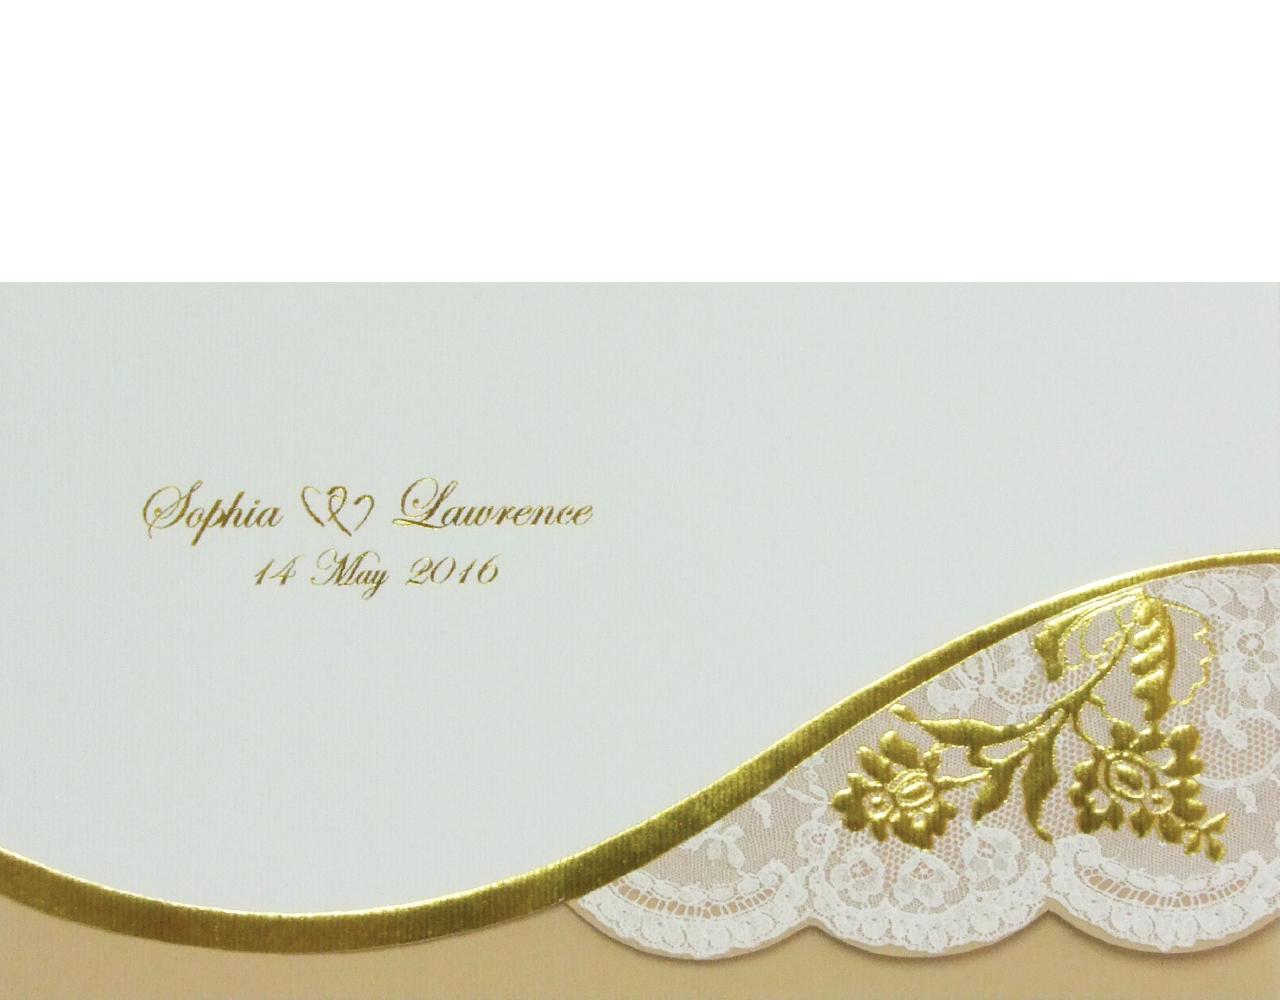 การ์ดแต่งงาน wedding card 10.5 x 18.5 cm WC 5621 Cream ฿ 8.50